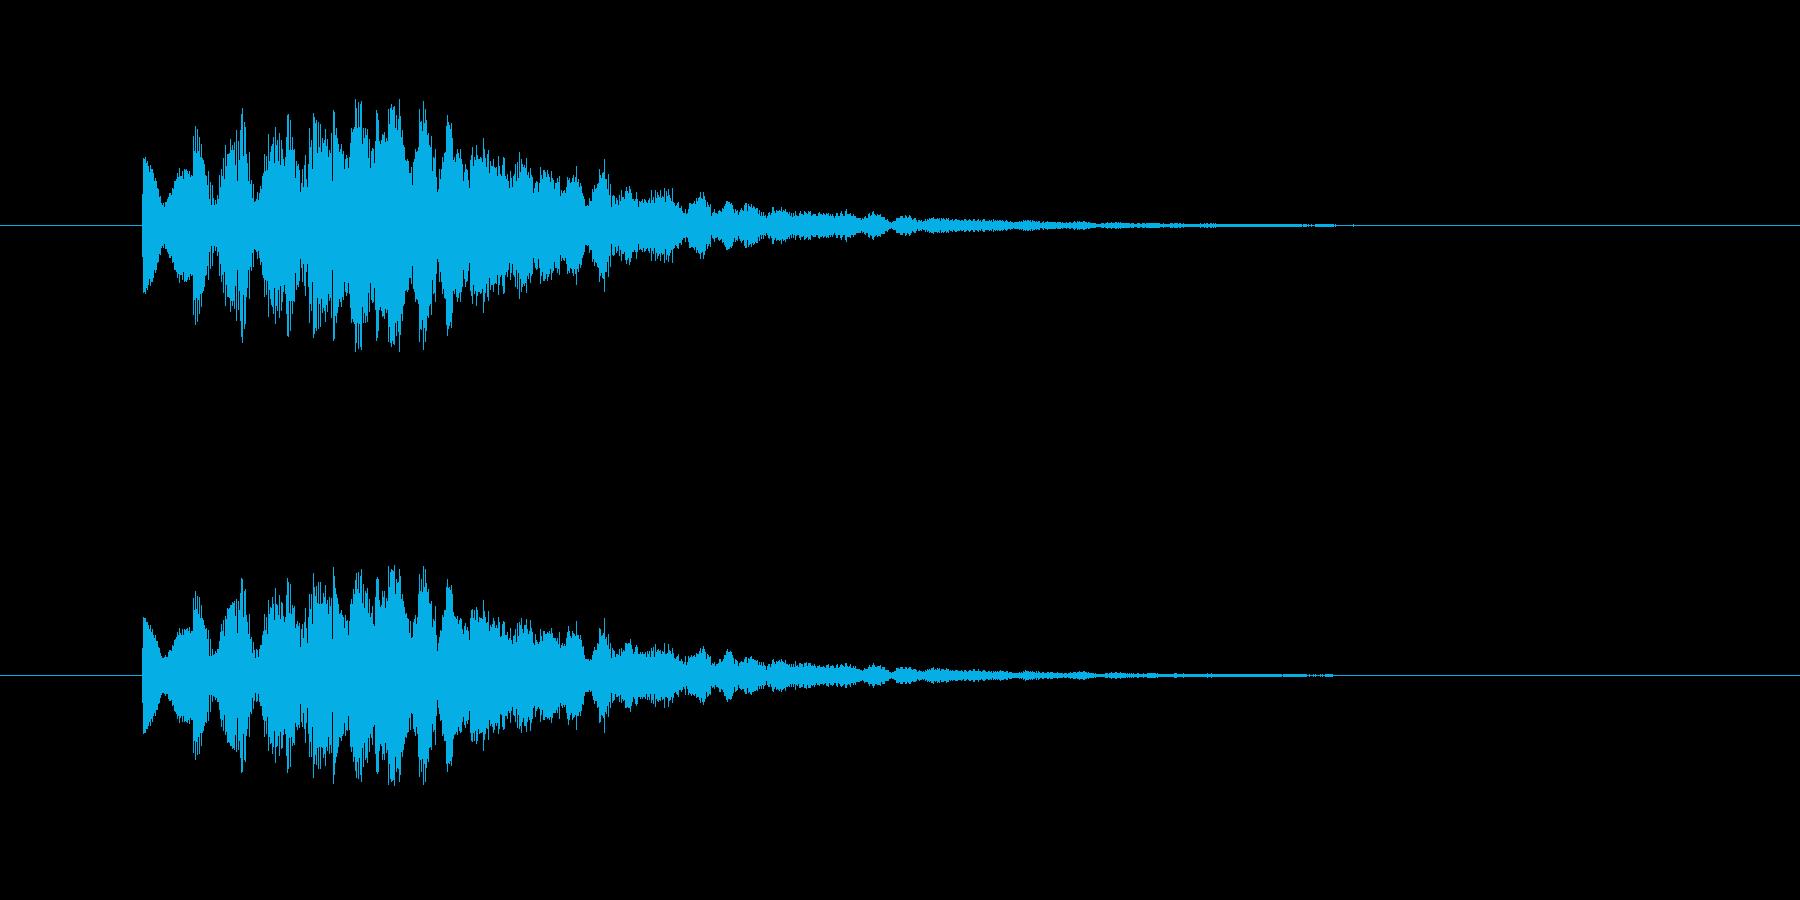 ティロリロリン(明るく綺麗なタイトル音)の再生済みの波形